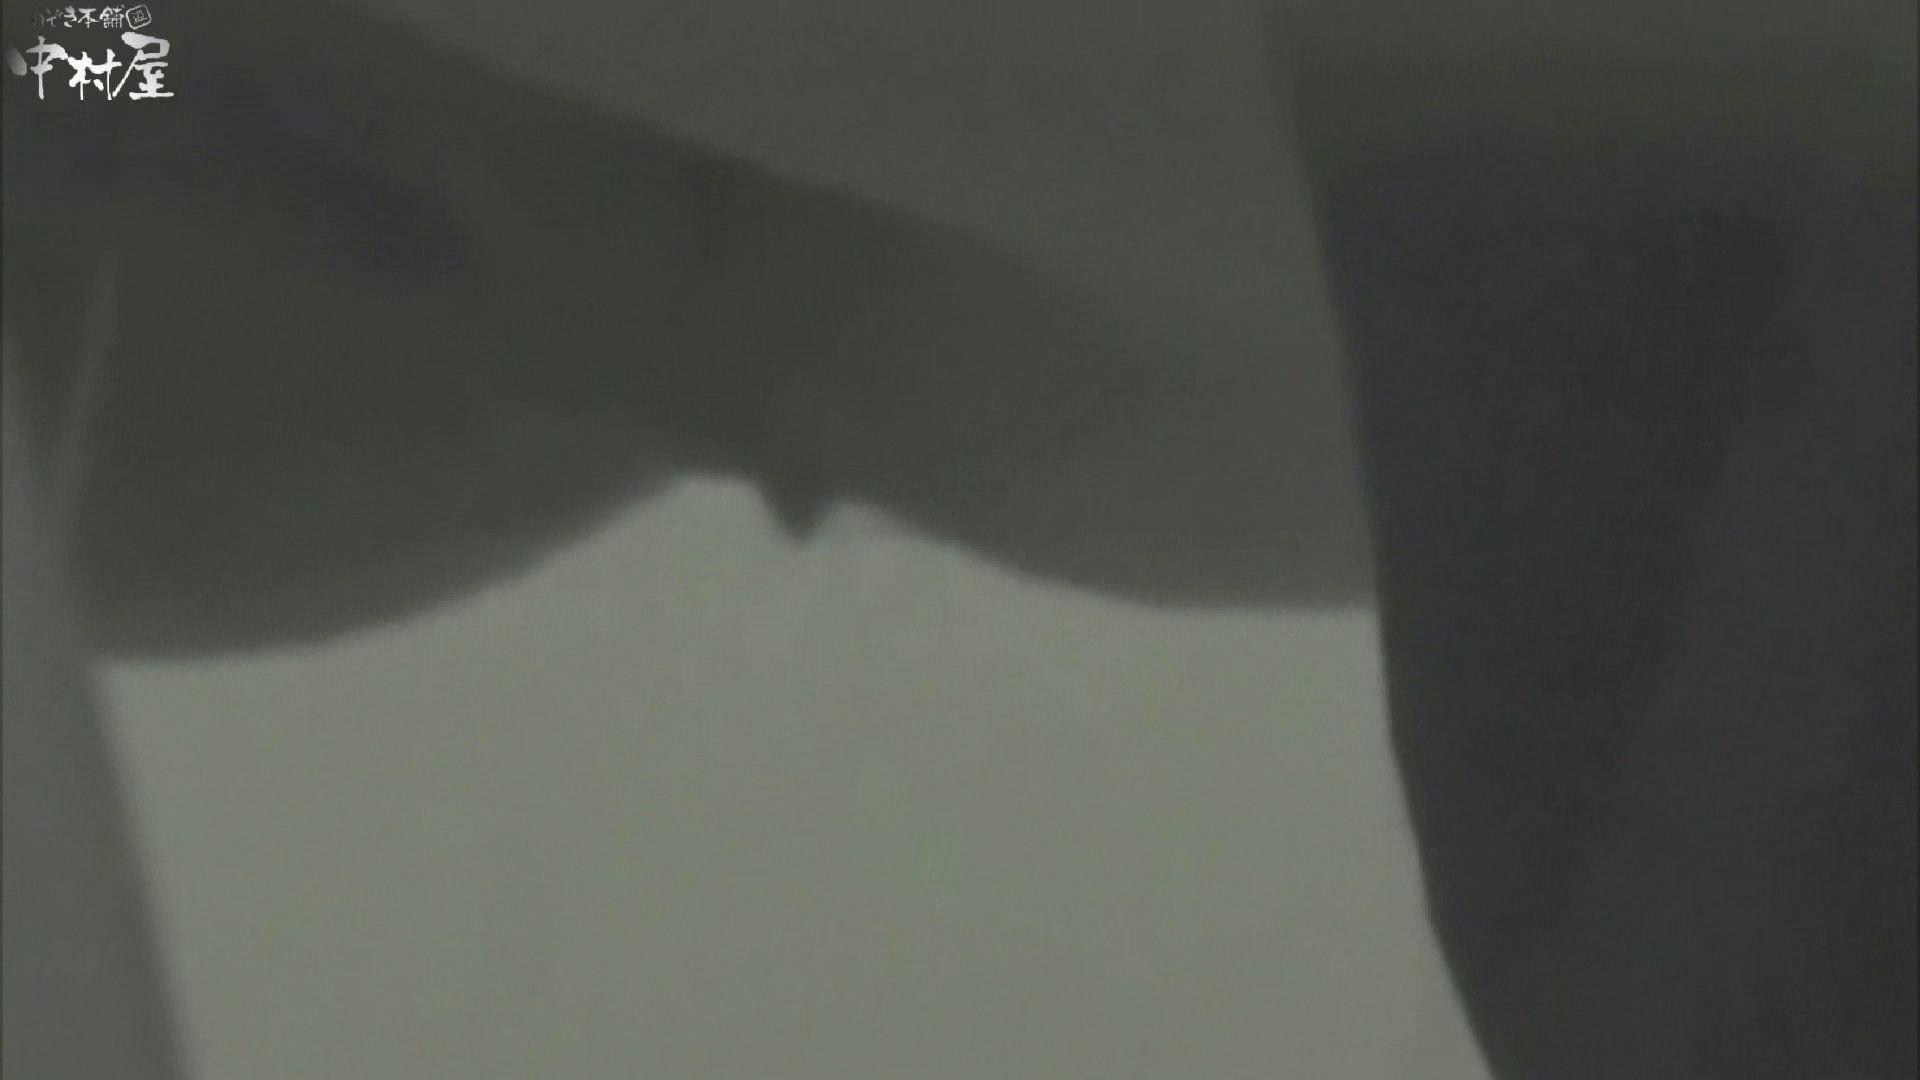 解禁!海の家4カメ洗面所vol.09 人気シリーズ  97PIX 21